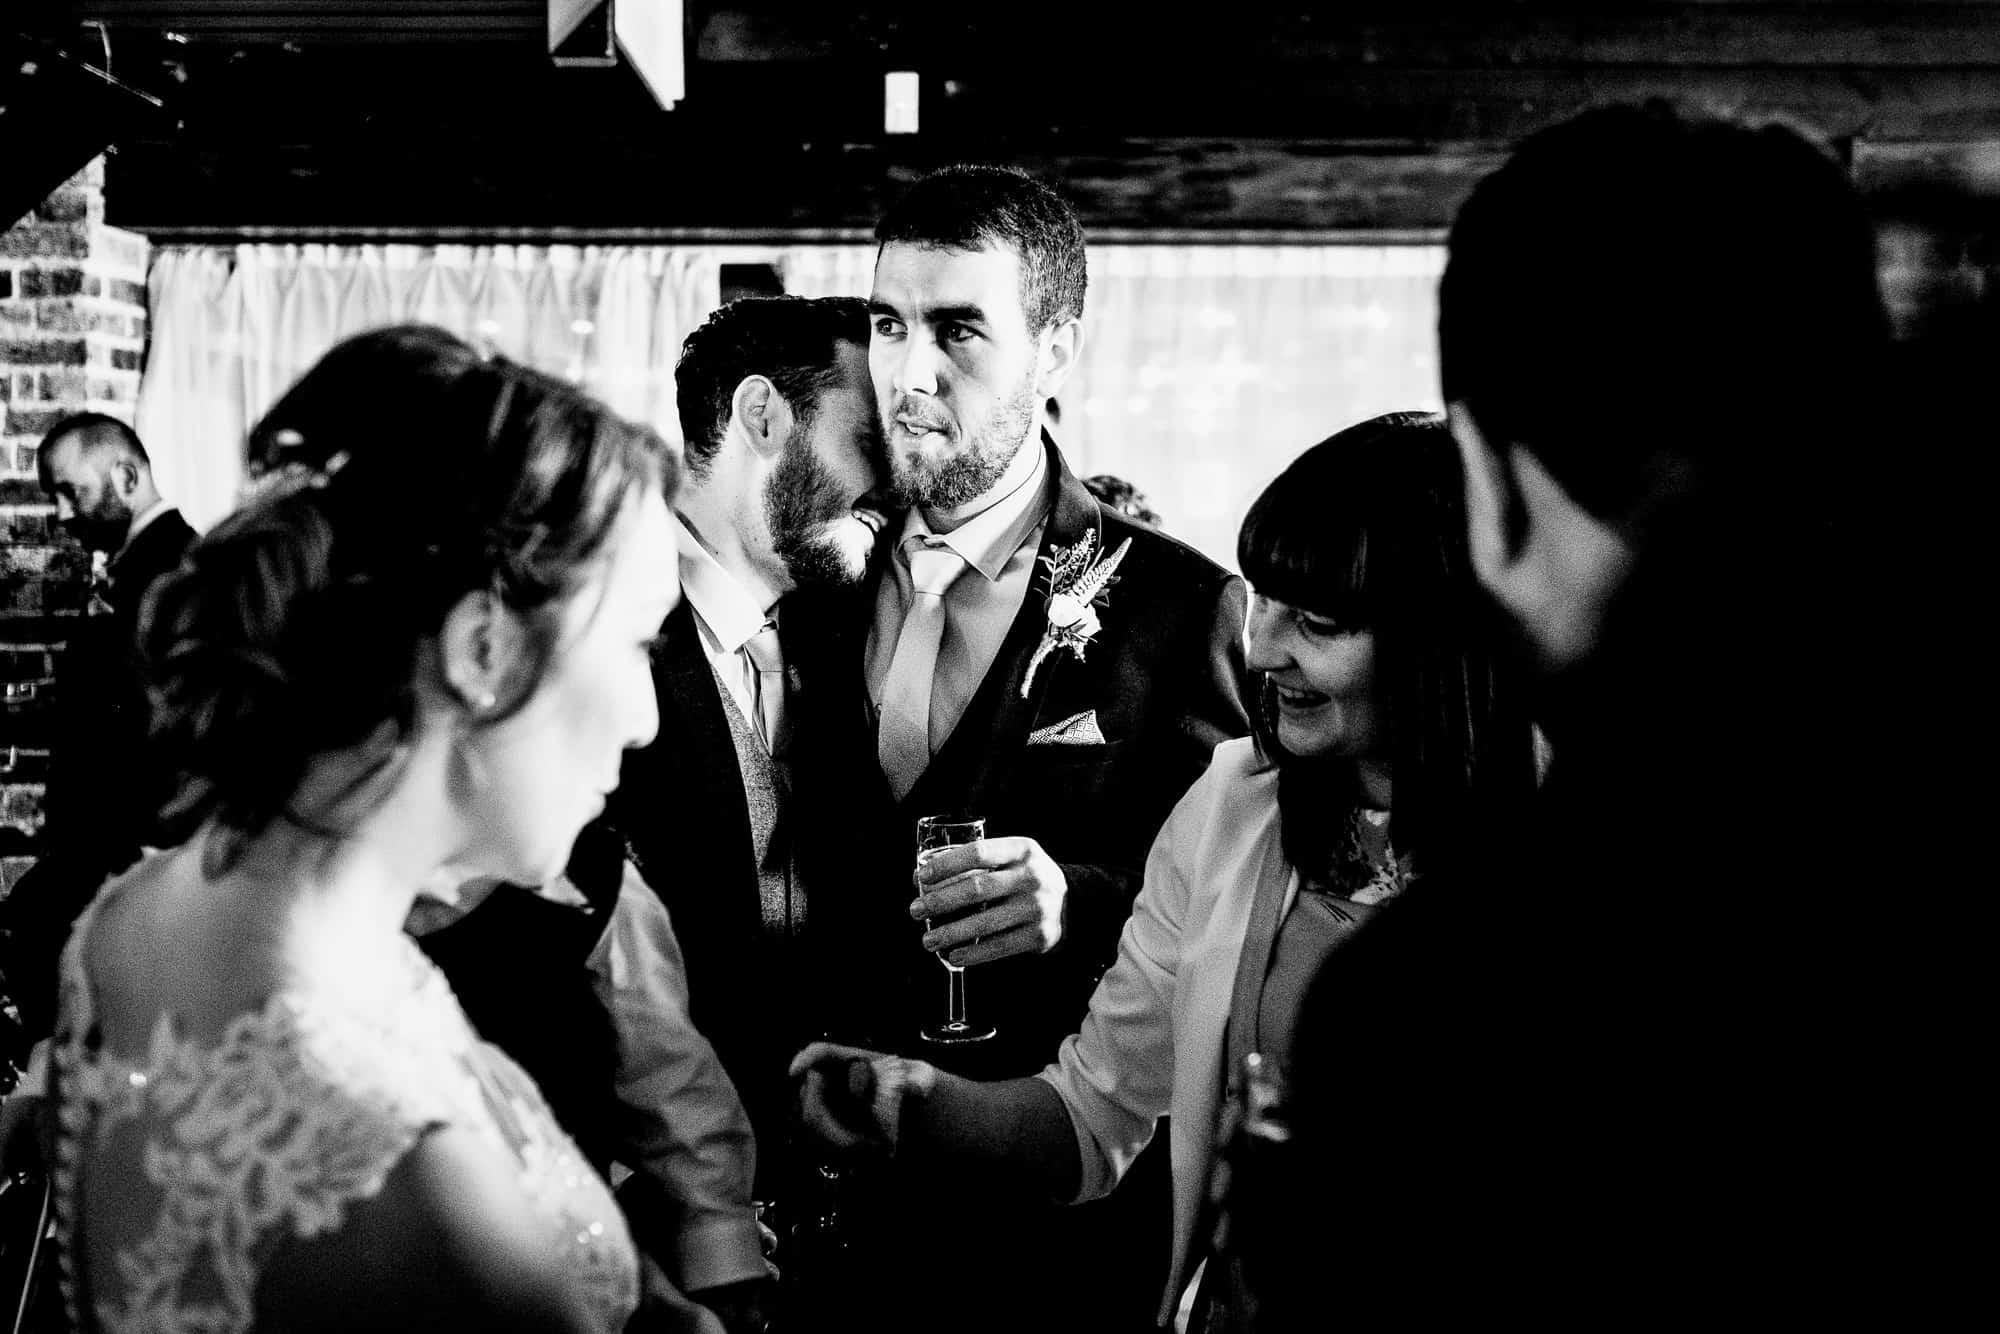 east-quay-wedding-photographer-matt-tyler-0030